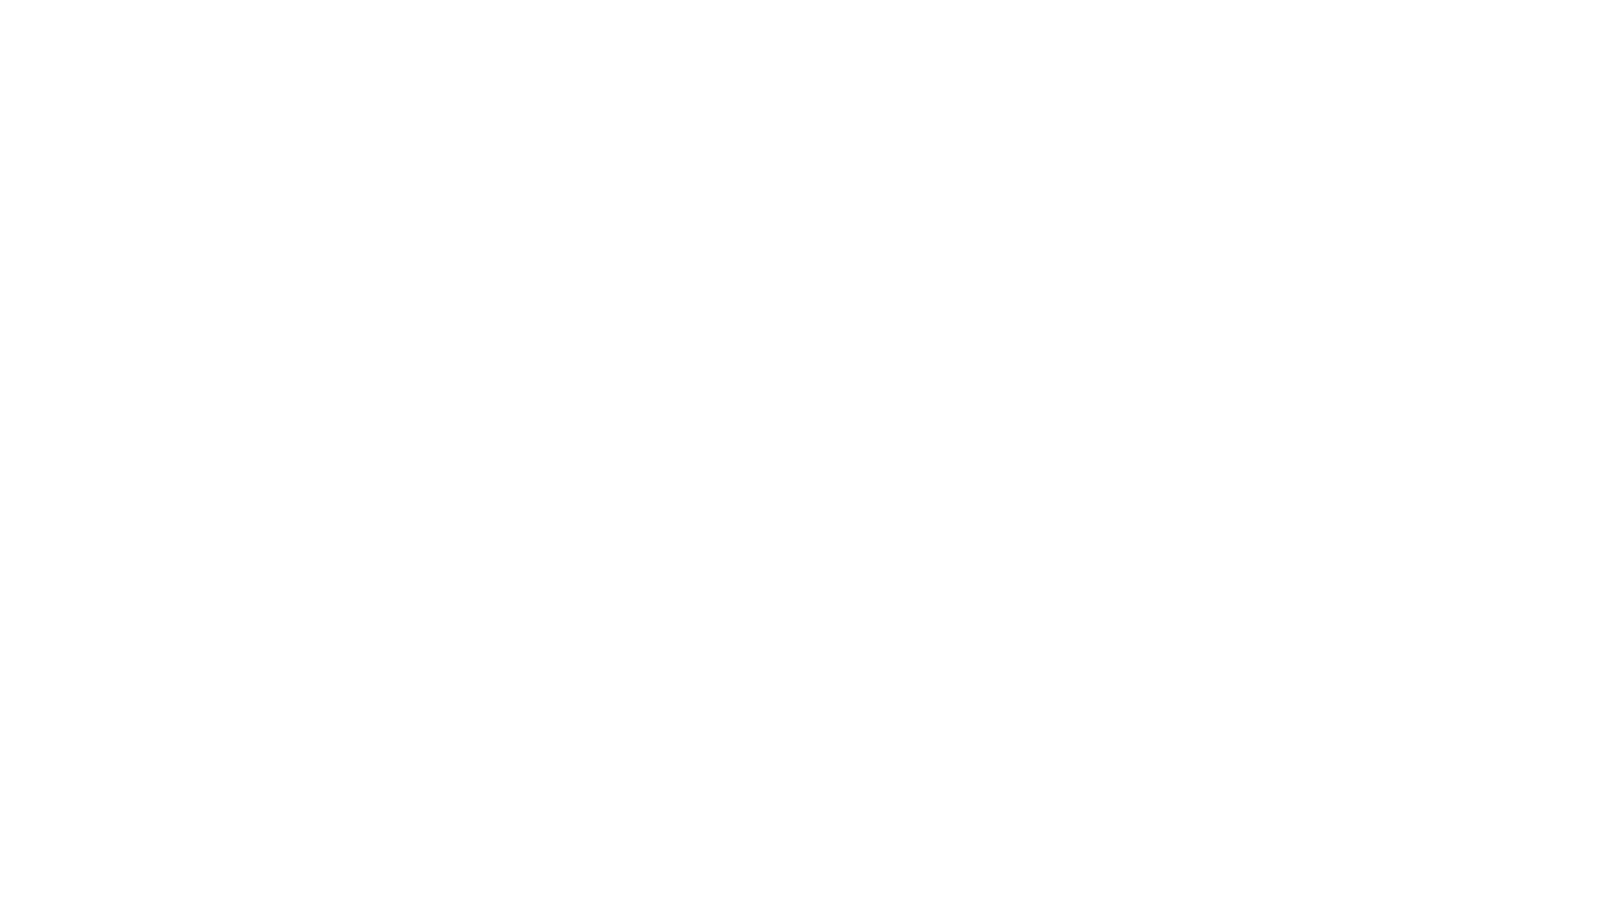 Audionews di Ondawebtv 👩💻#lenotizieinpositivo 19 settembre🔖 👉Oggi San Gennaro. Auguri a quanti festeggiano l'onomastico 👉Avitabile inaugura il Pomigliano Jazz in Campania il 25 settembre  👉Omniartecaserta. Aperte le iscrizioni nella nuova sede di Corso Giannone 👉Dermatite atopica dell'adulto. Il 26 settembre visite gratuiite Buon ascolto!